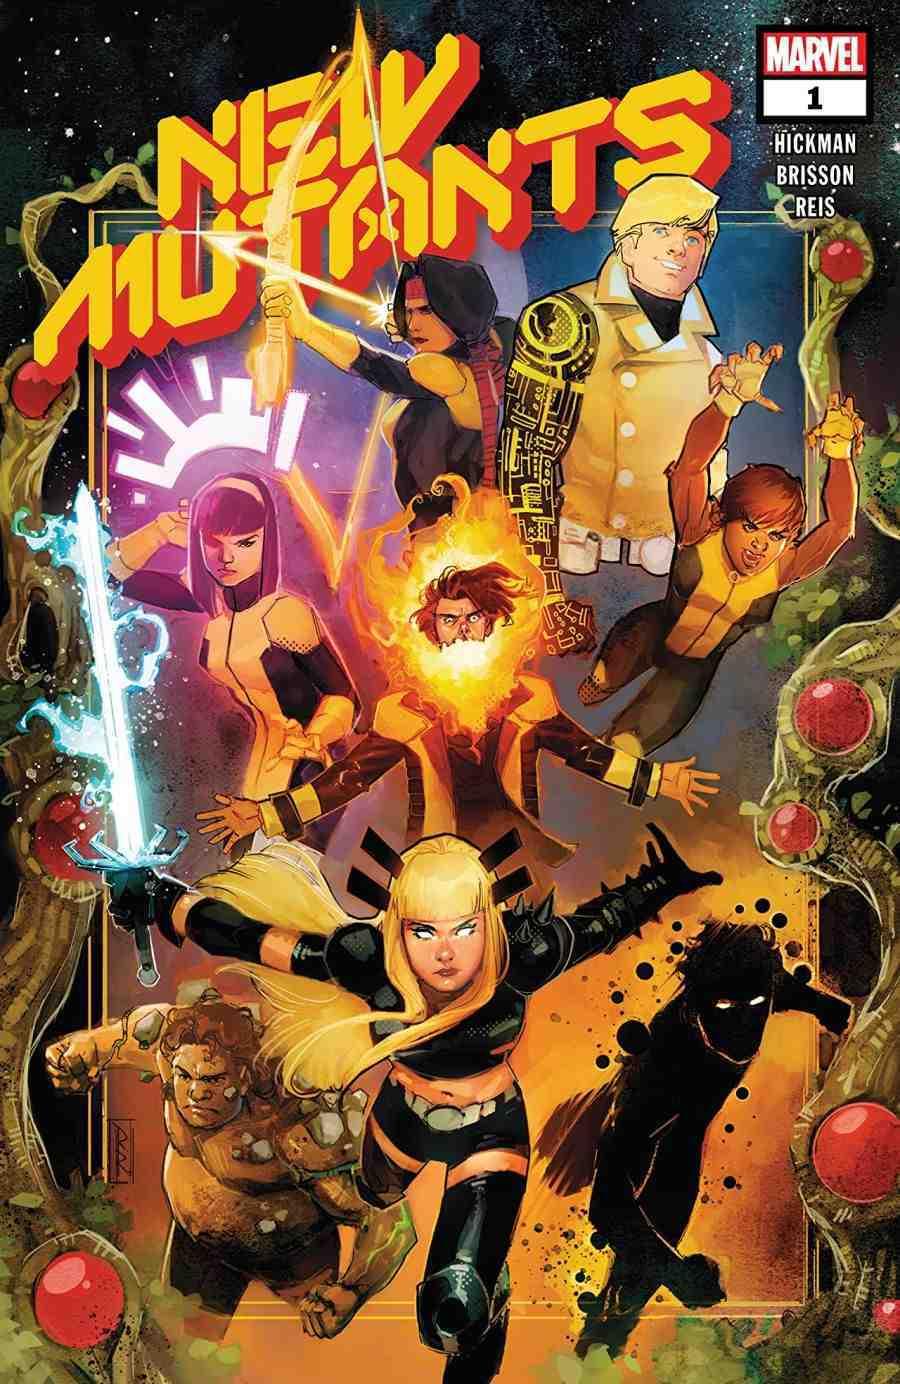 New_Mutants_1